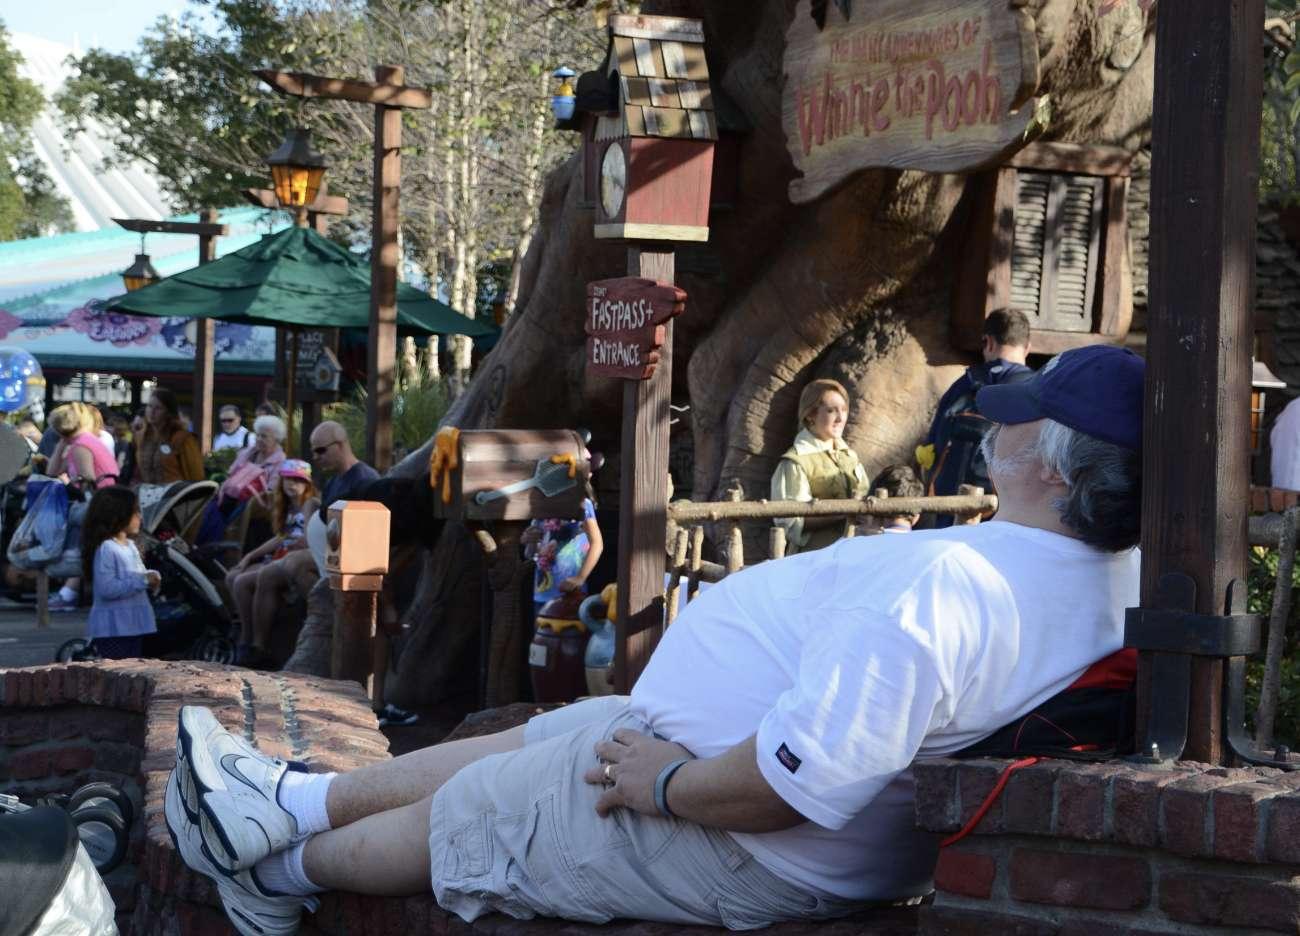 Ein Mann nimmt sich eine Auszeit in Disney World in Orlando Florida